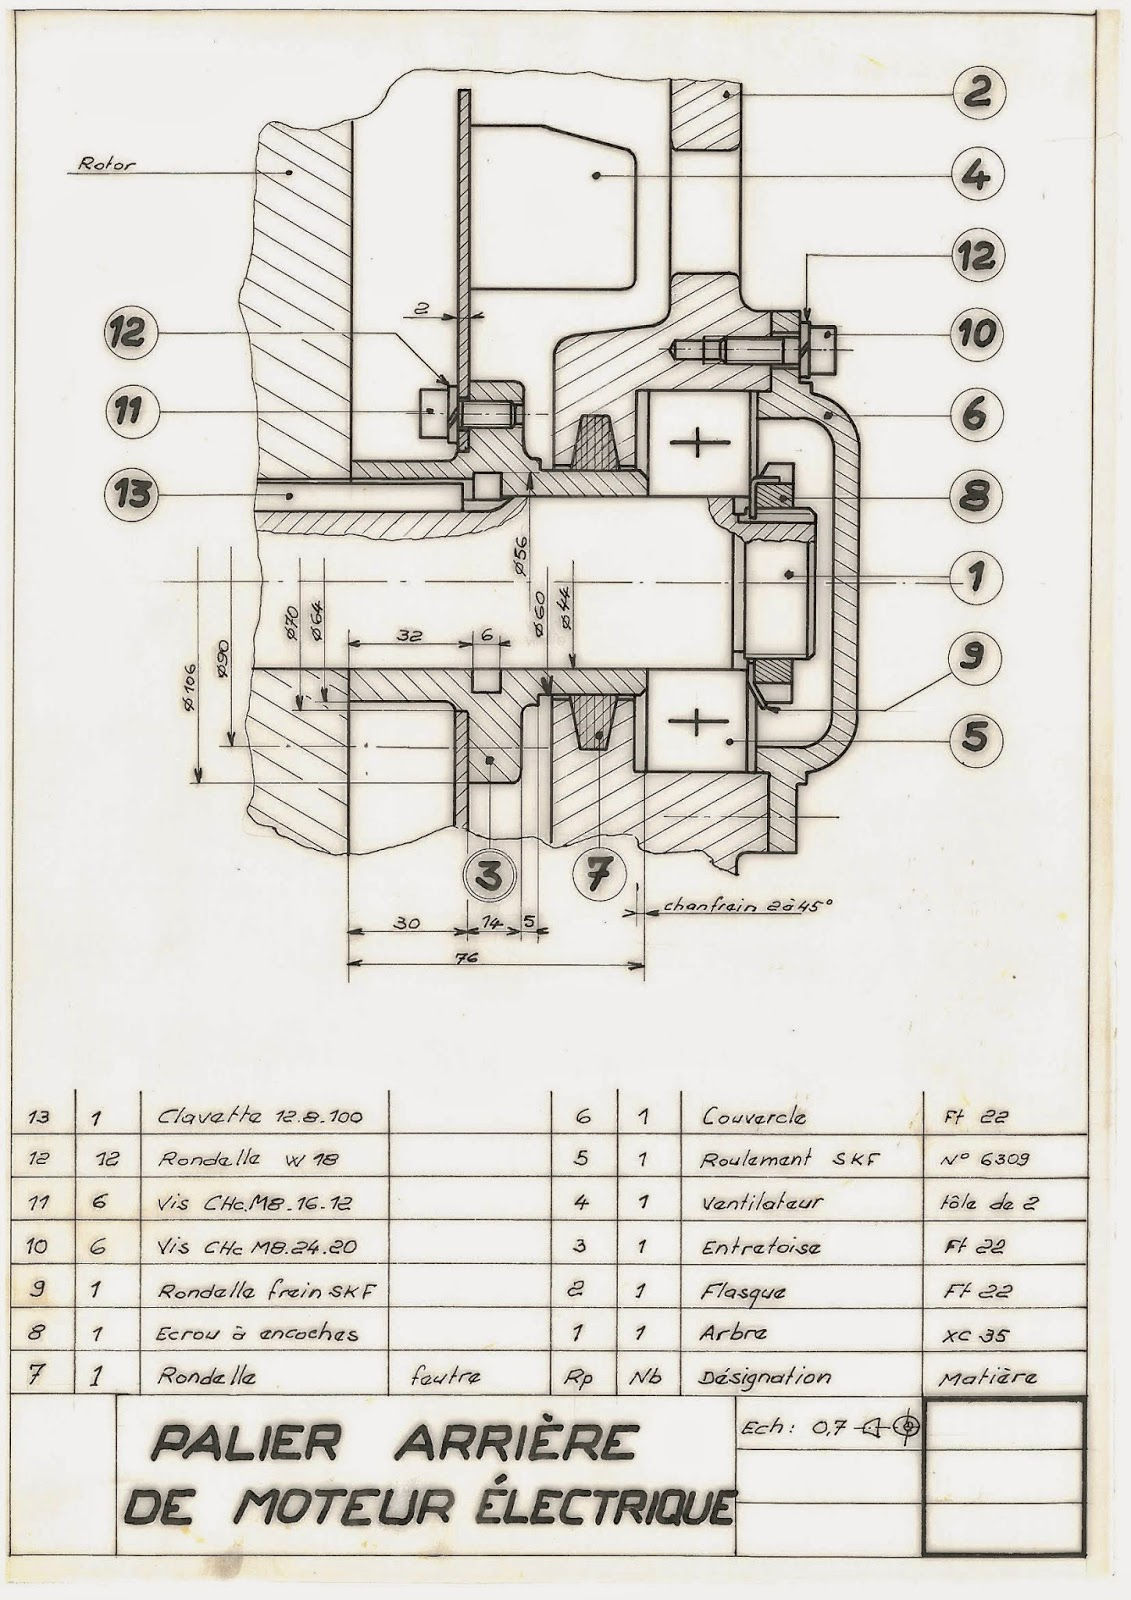 mecanique en ligne palier arri re de moteur lectrique plan t l charger imprimer. Black Bedroom Furniture Sets. Home Design Ideas